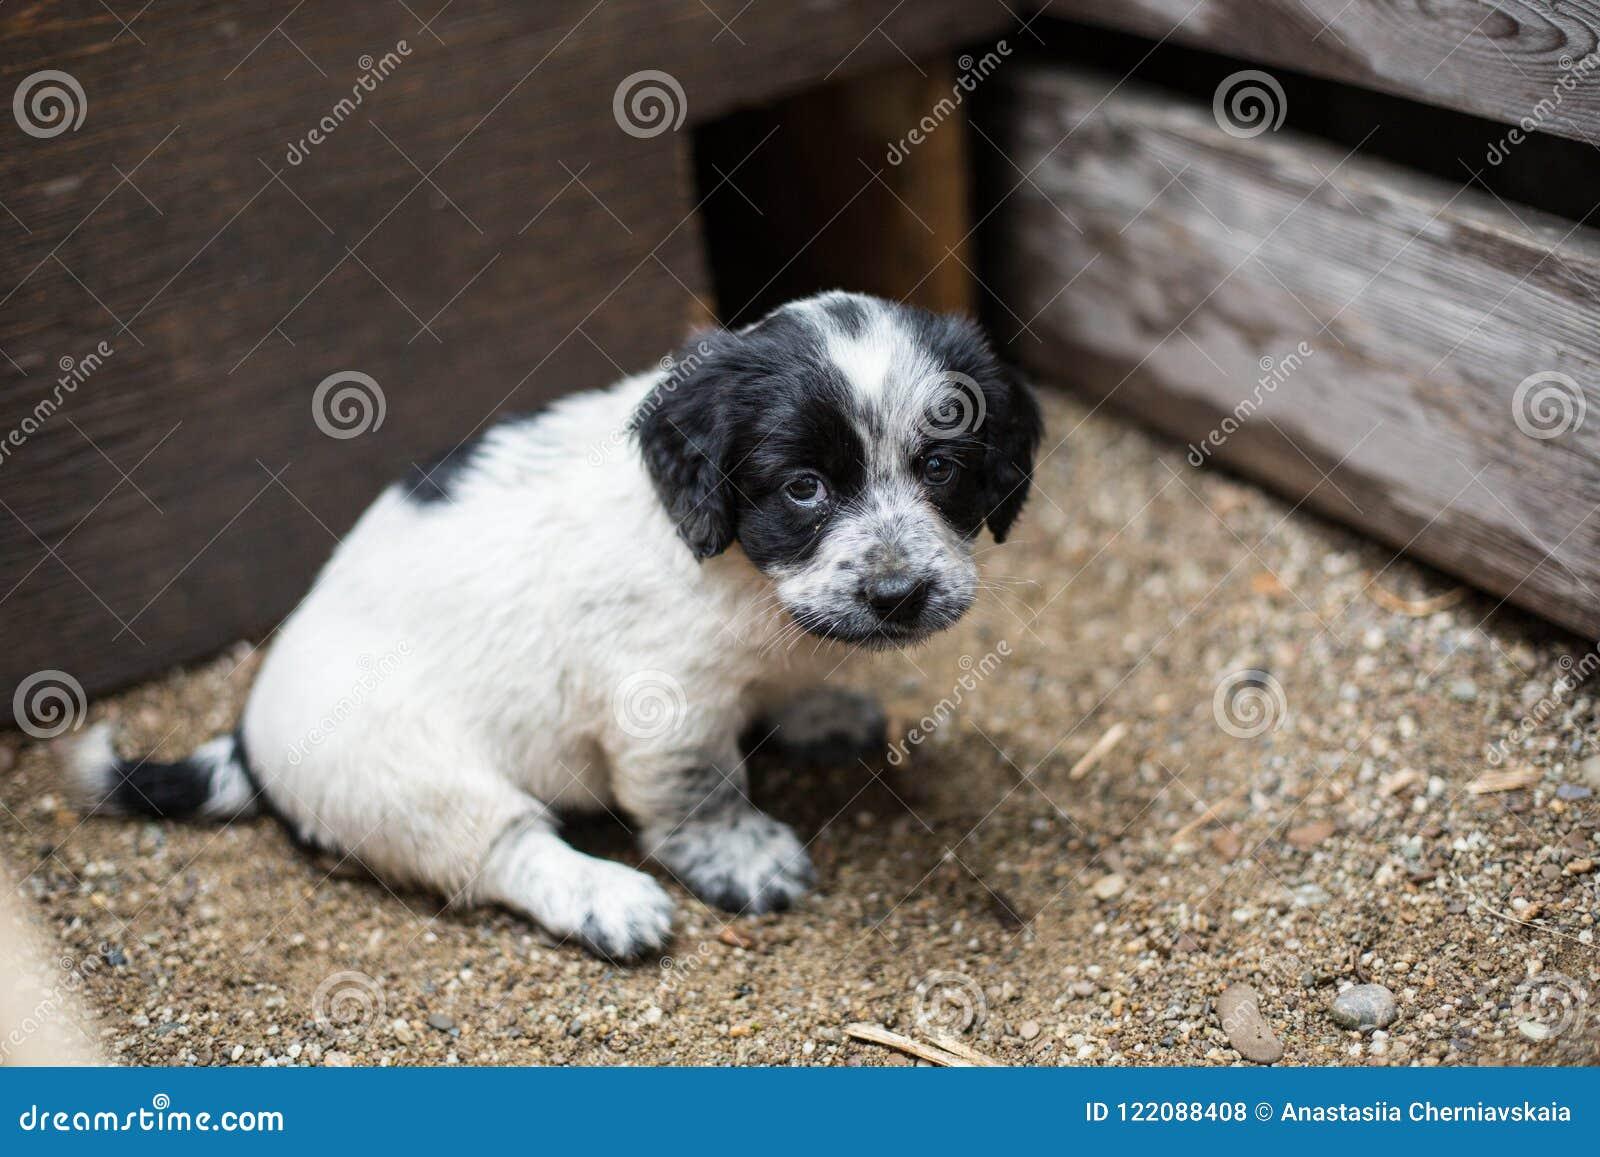 Χαριτωμένο λίγο κουτάβι σε ένα ξύλινο κιβώτιο ζητά να υιοθετηθεί με την ελπίδα Άστεγο σκυλί